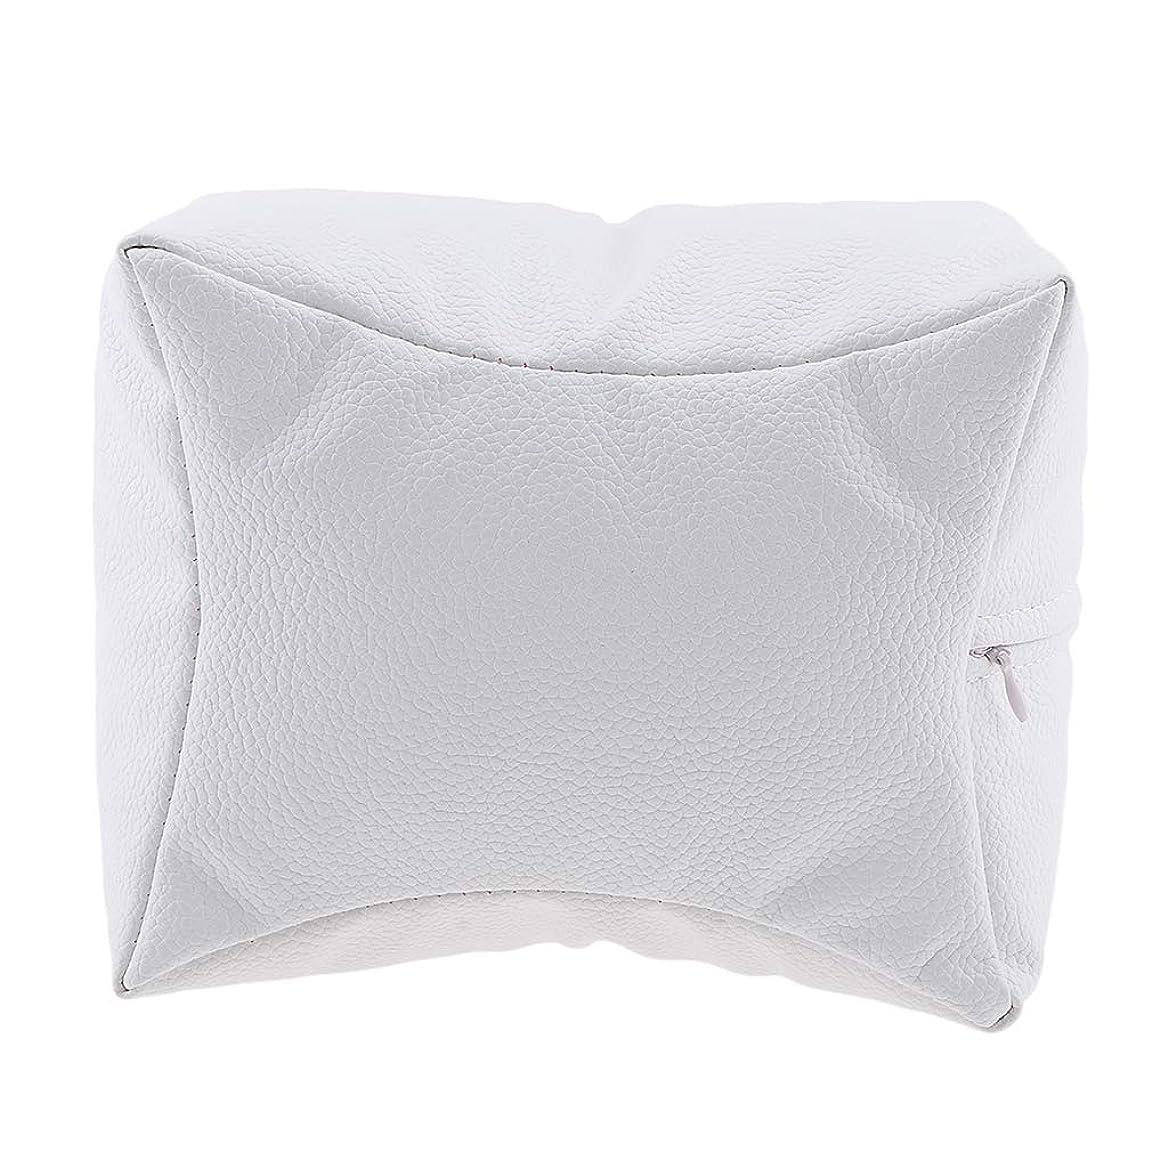 Sharplace ネイルアート 手枕 ハンドピロー レストピロー ハンドクッション ネイルサロン 4色選べ - 白